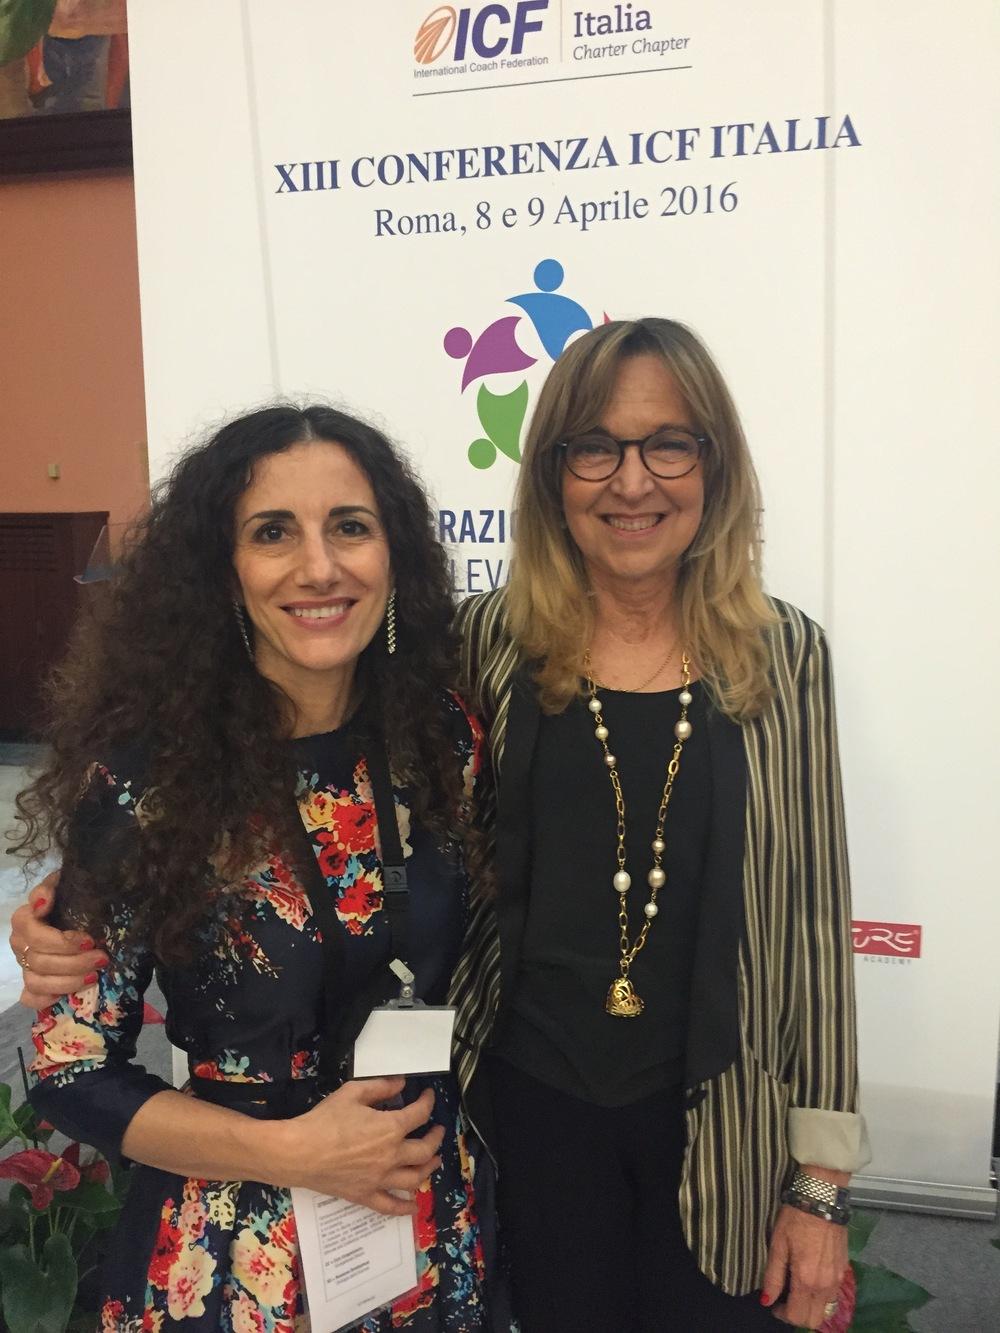 Cristina Campofreddo & Giovanna Giuffredi (Founder of LCI, ICF Italia President 2016) - Conferenza ICF Roma 2016